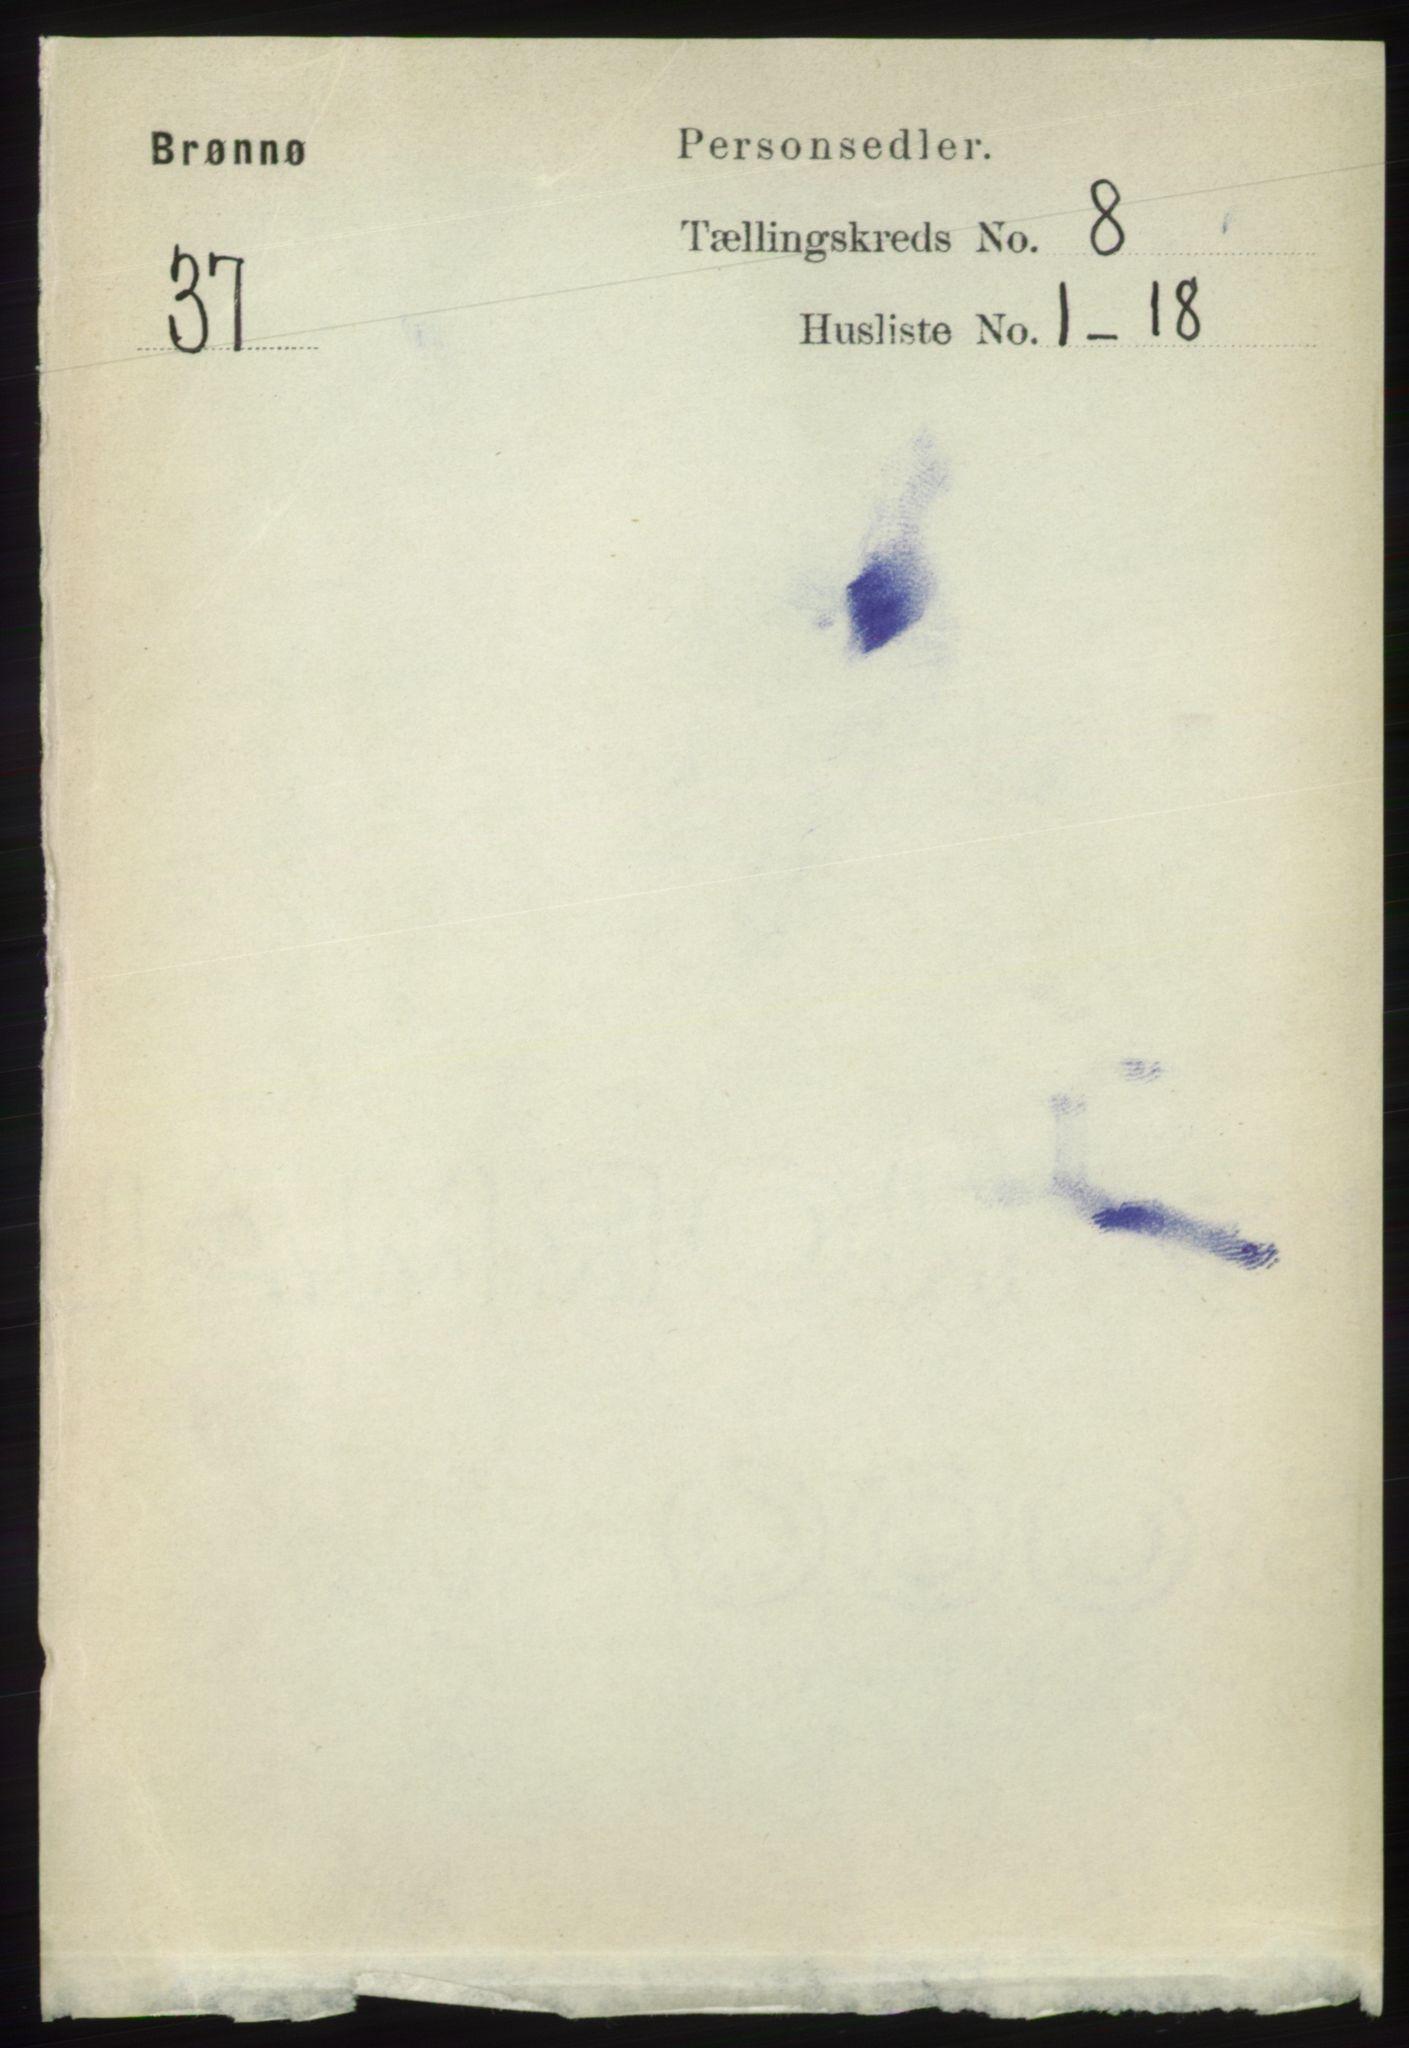 RA, Folketelling 1891 for 1814 Brønnøy herred, 1891, s. 4334